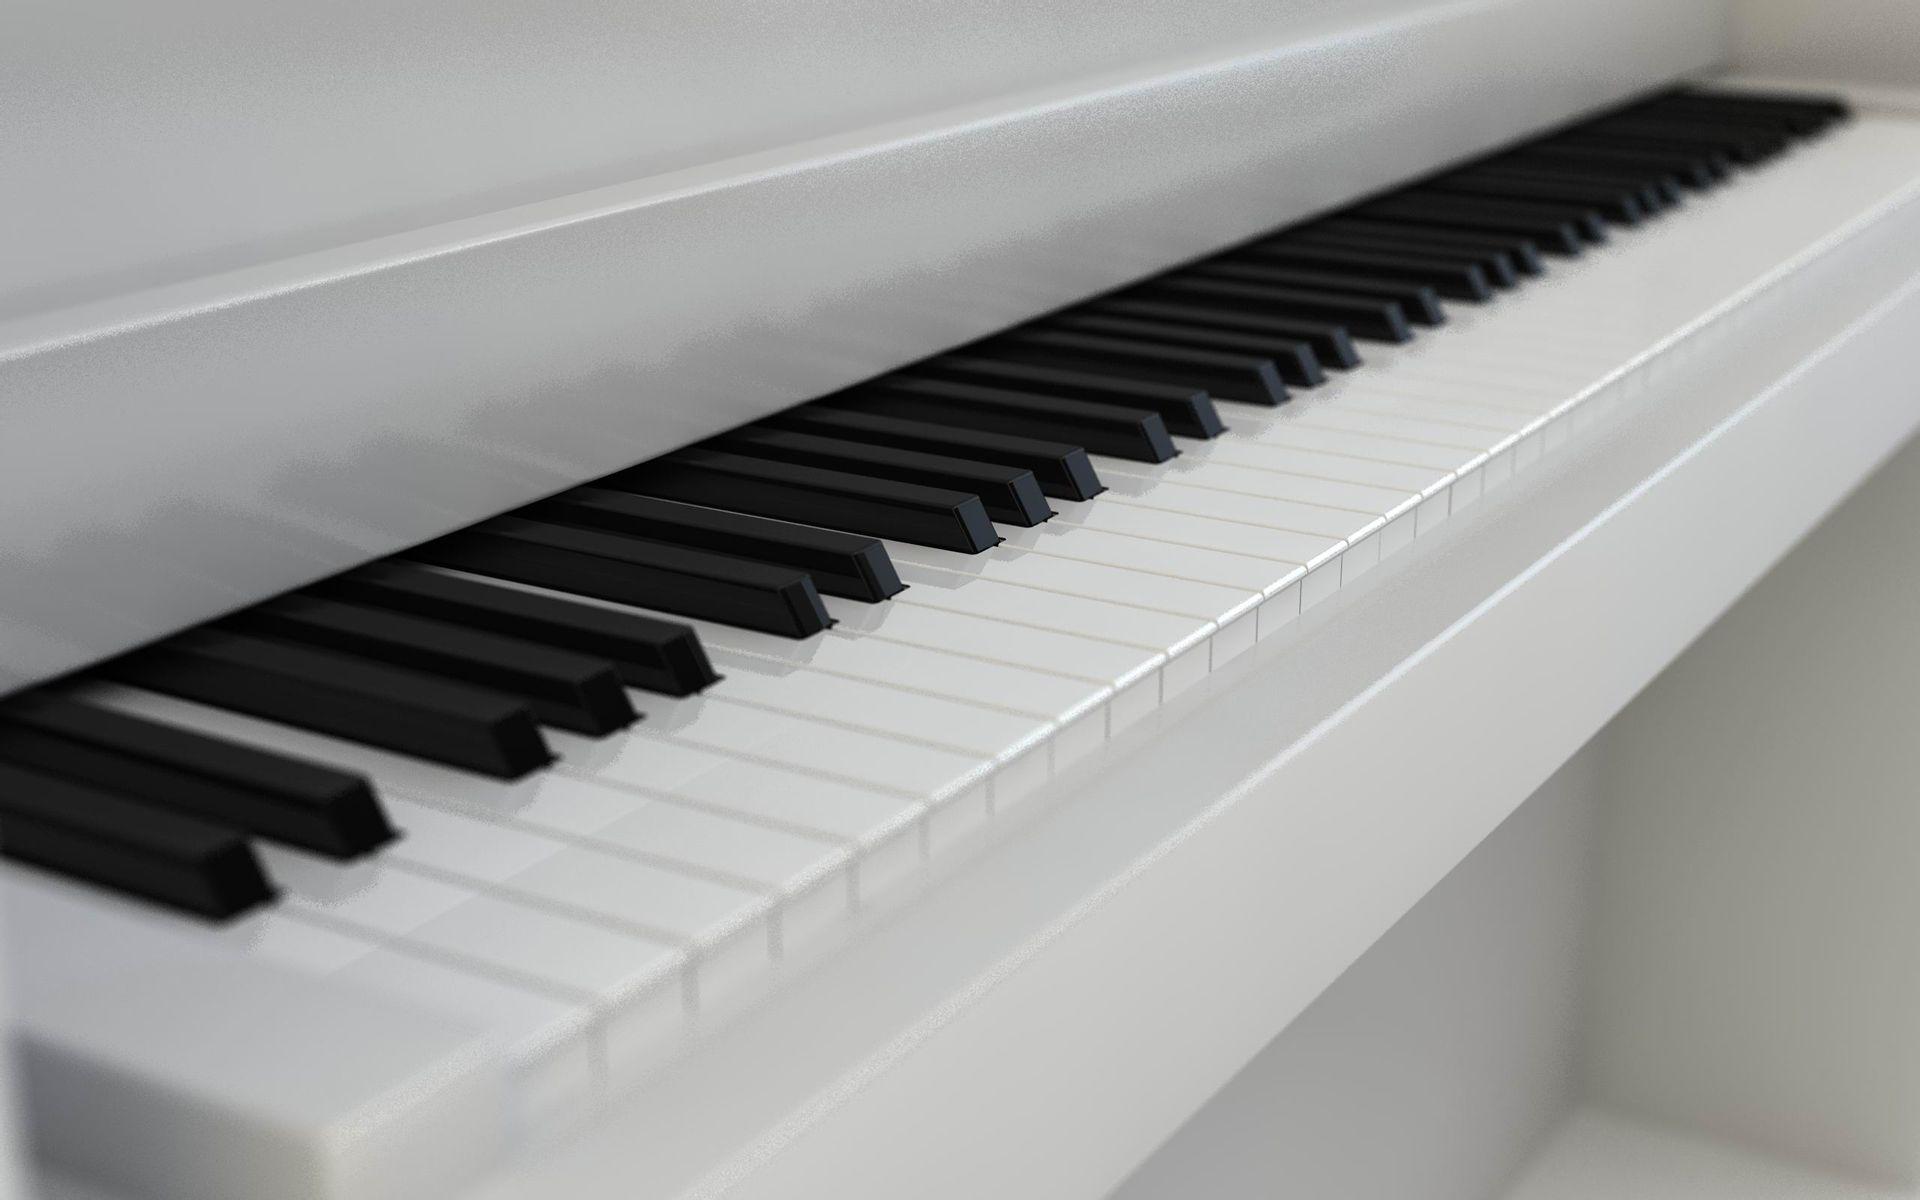 求一张白色钢琴的图片,背景也要纯白的,不要有人